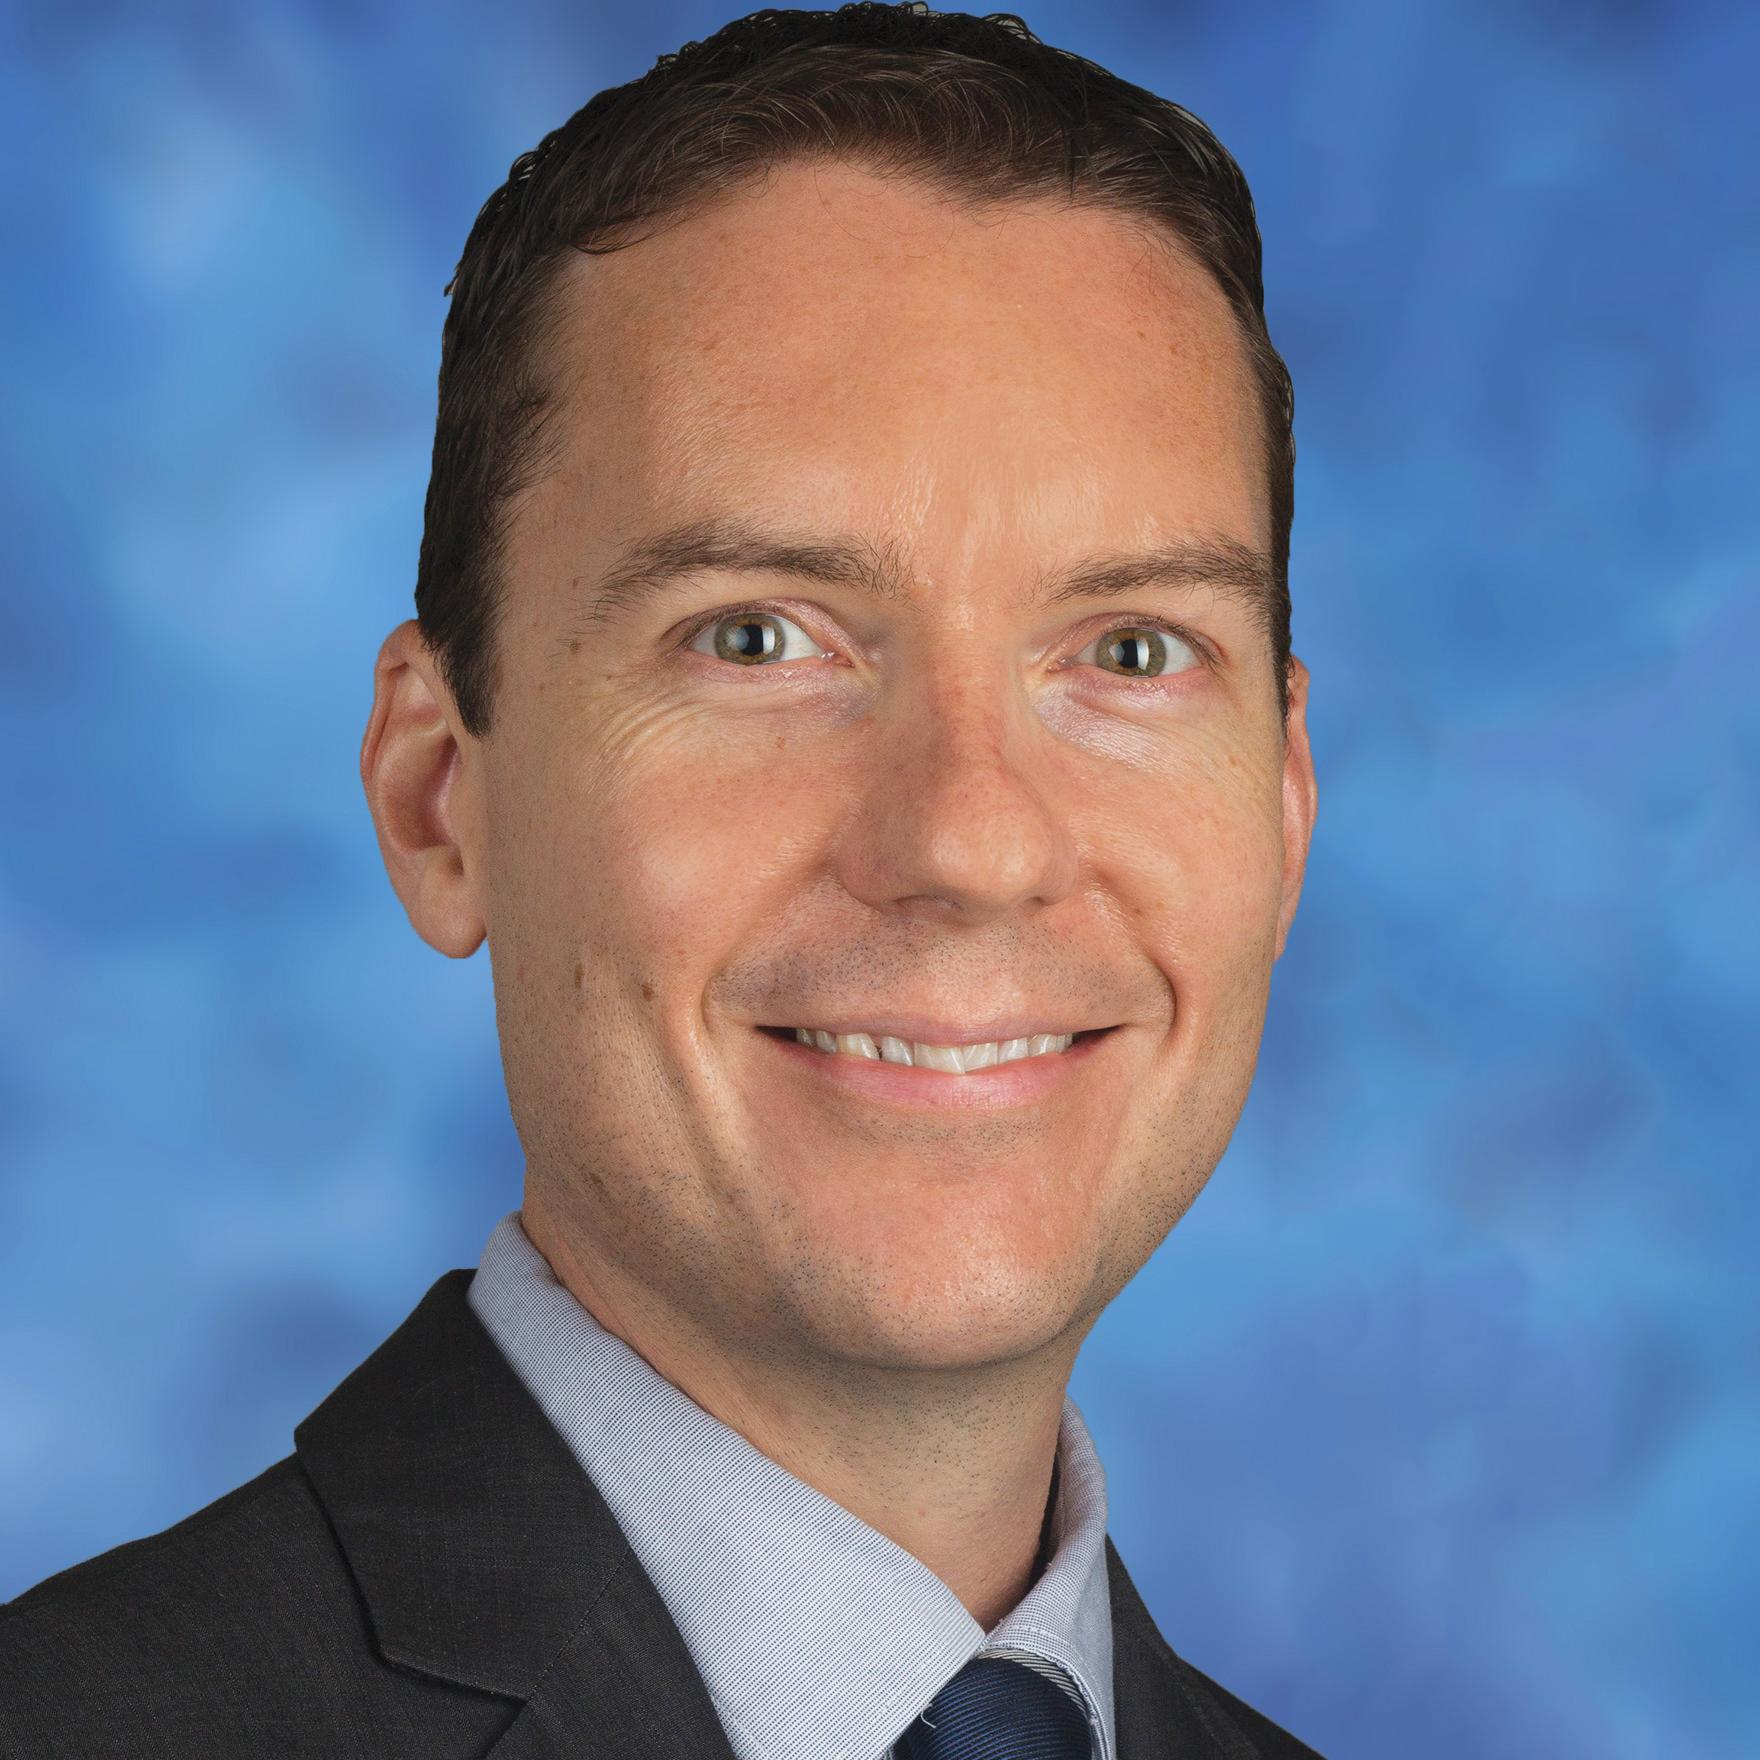 Tobias Chapman, MD